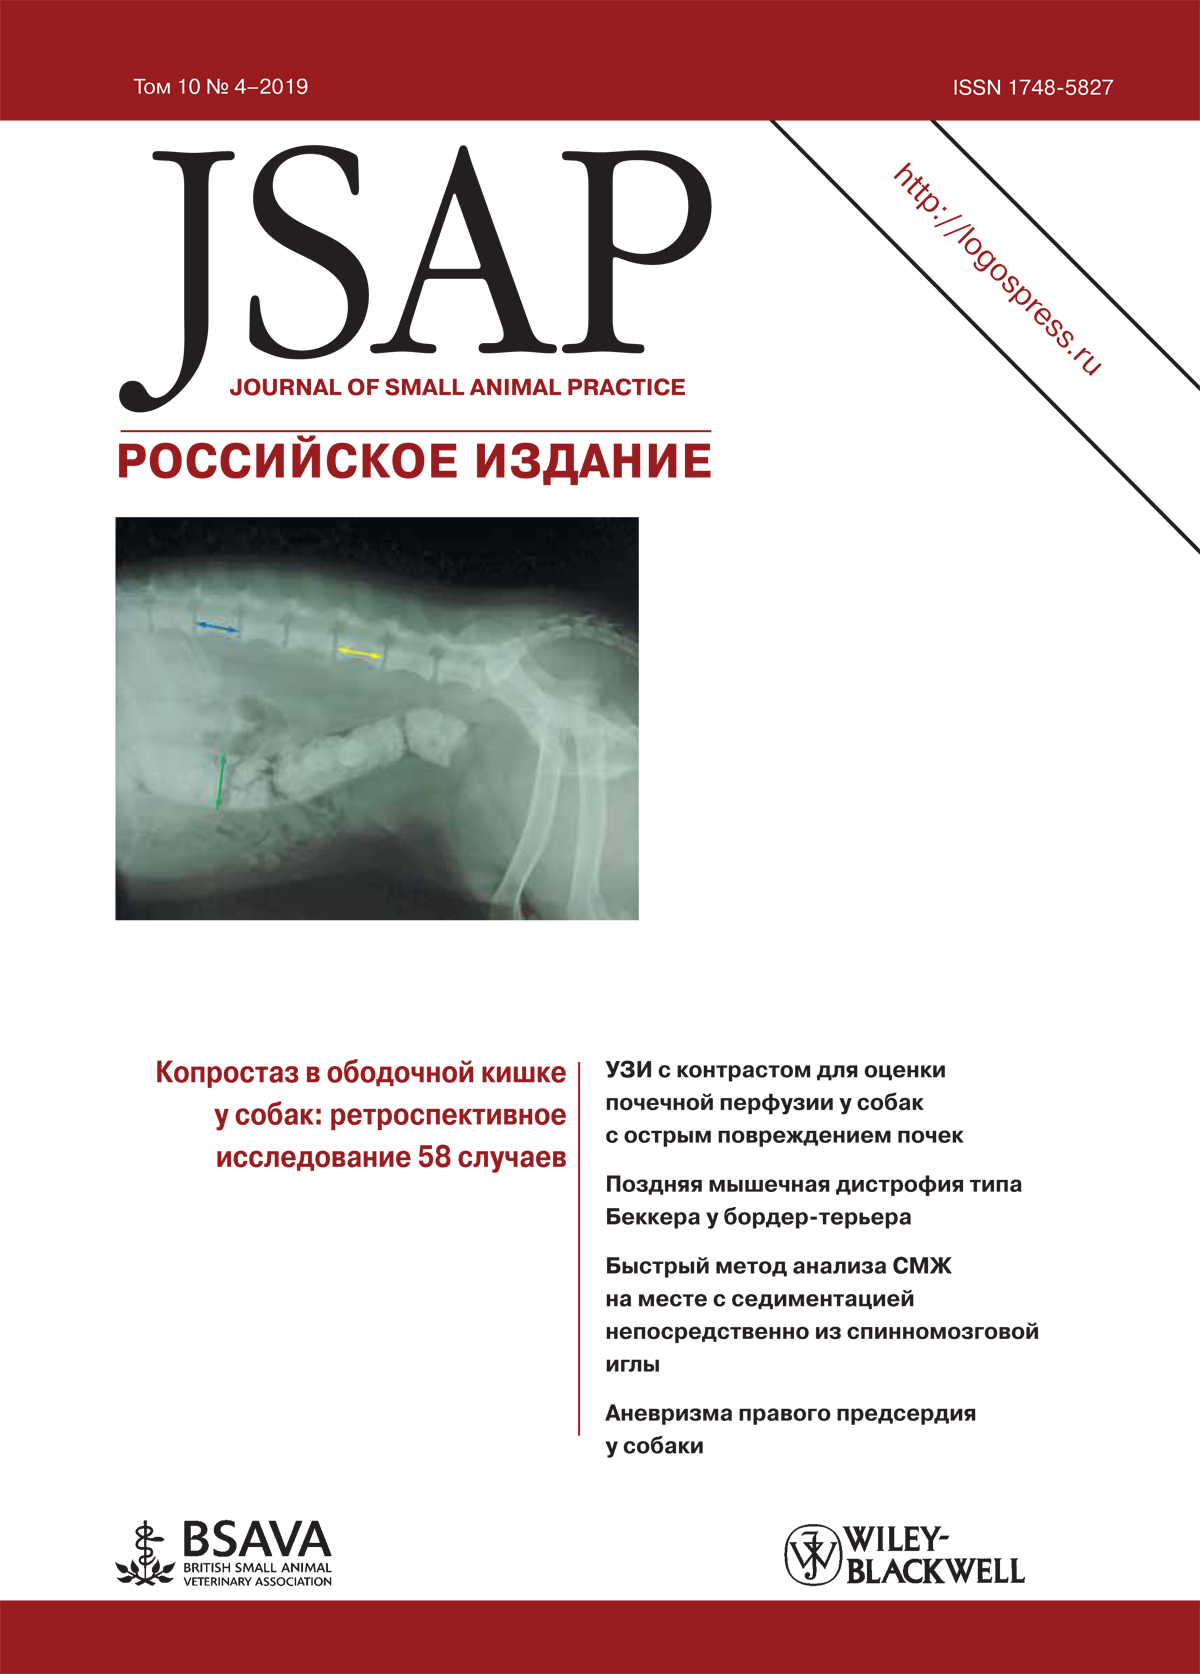 JSAP №4-2019